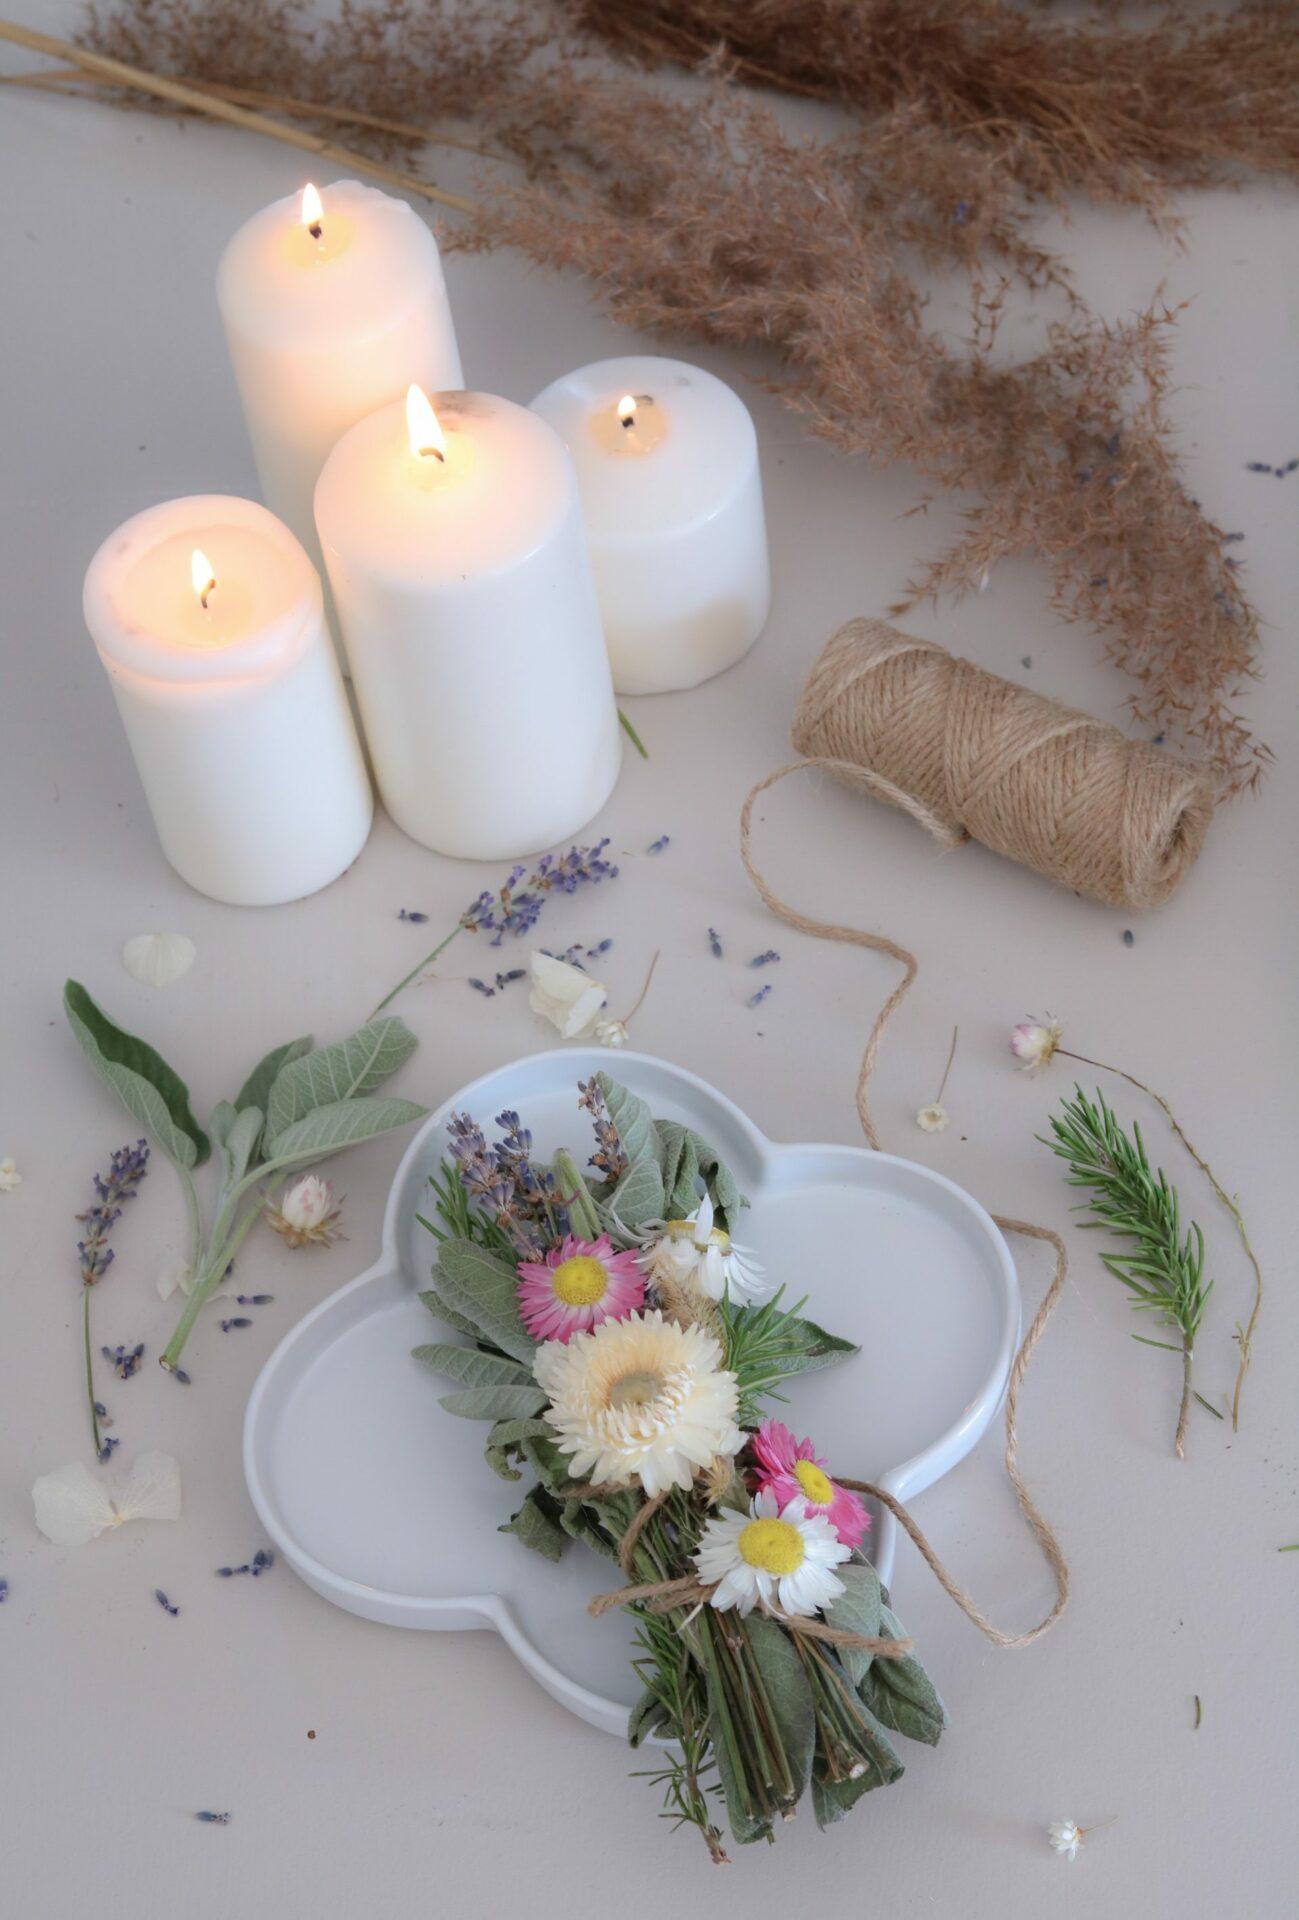 Livret de famille Marine Lebeaux 1 sur 1 - Les cadeaux d'invités - Wedding planner - Organisation de Mariage en France, au Luxembourg, en italie, en provence, à la montagne